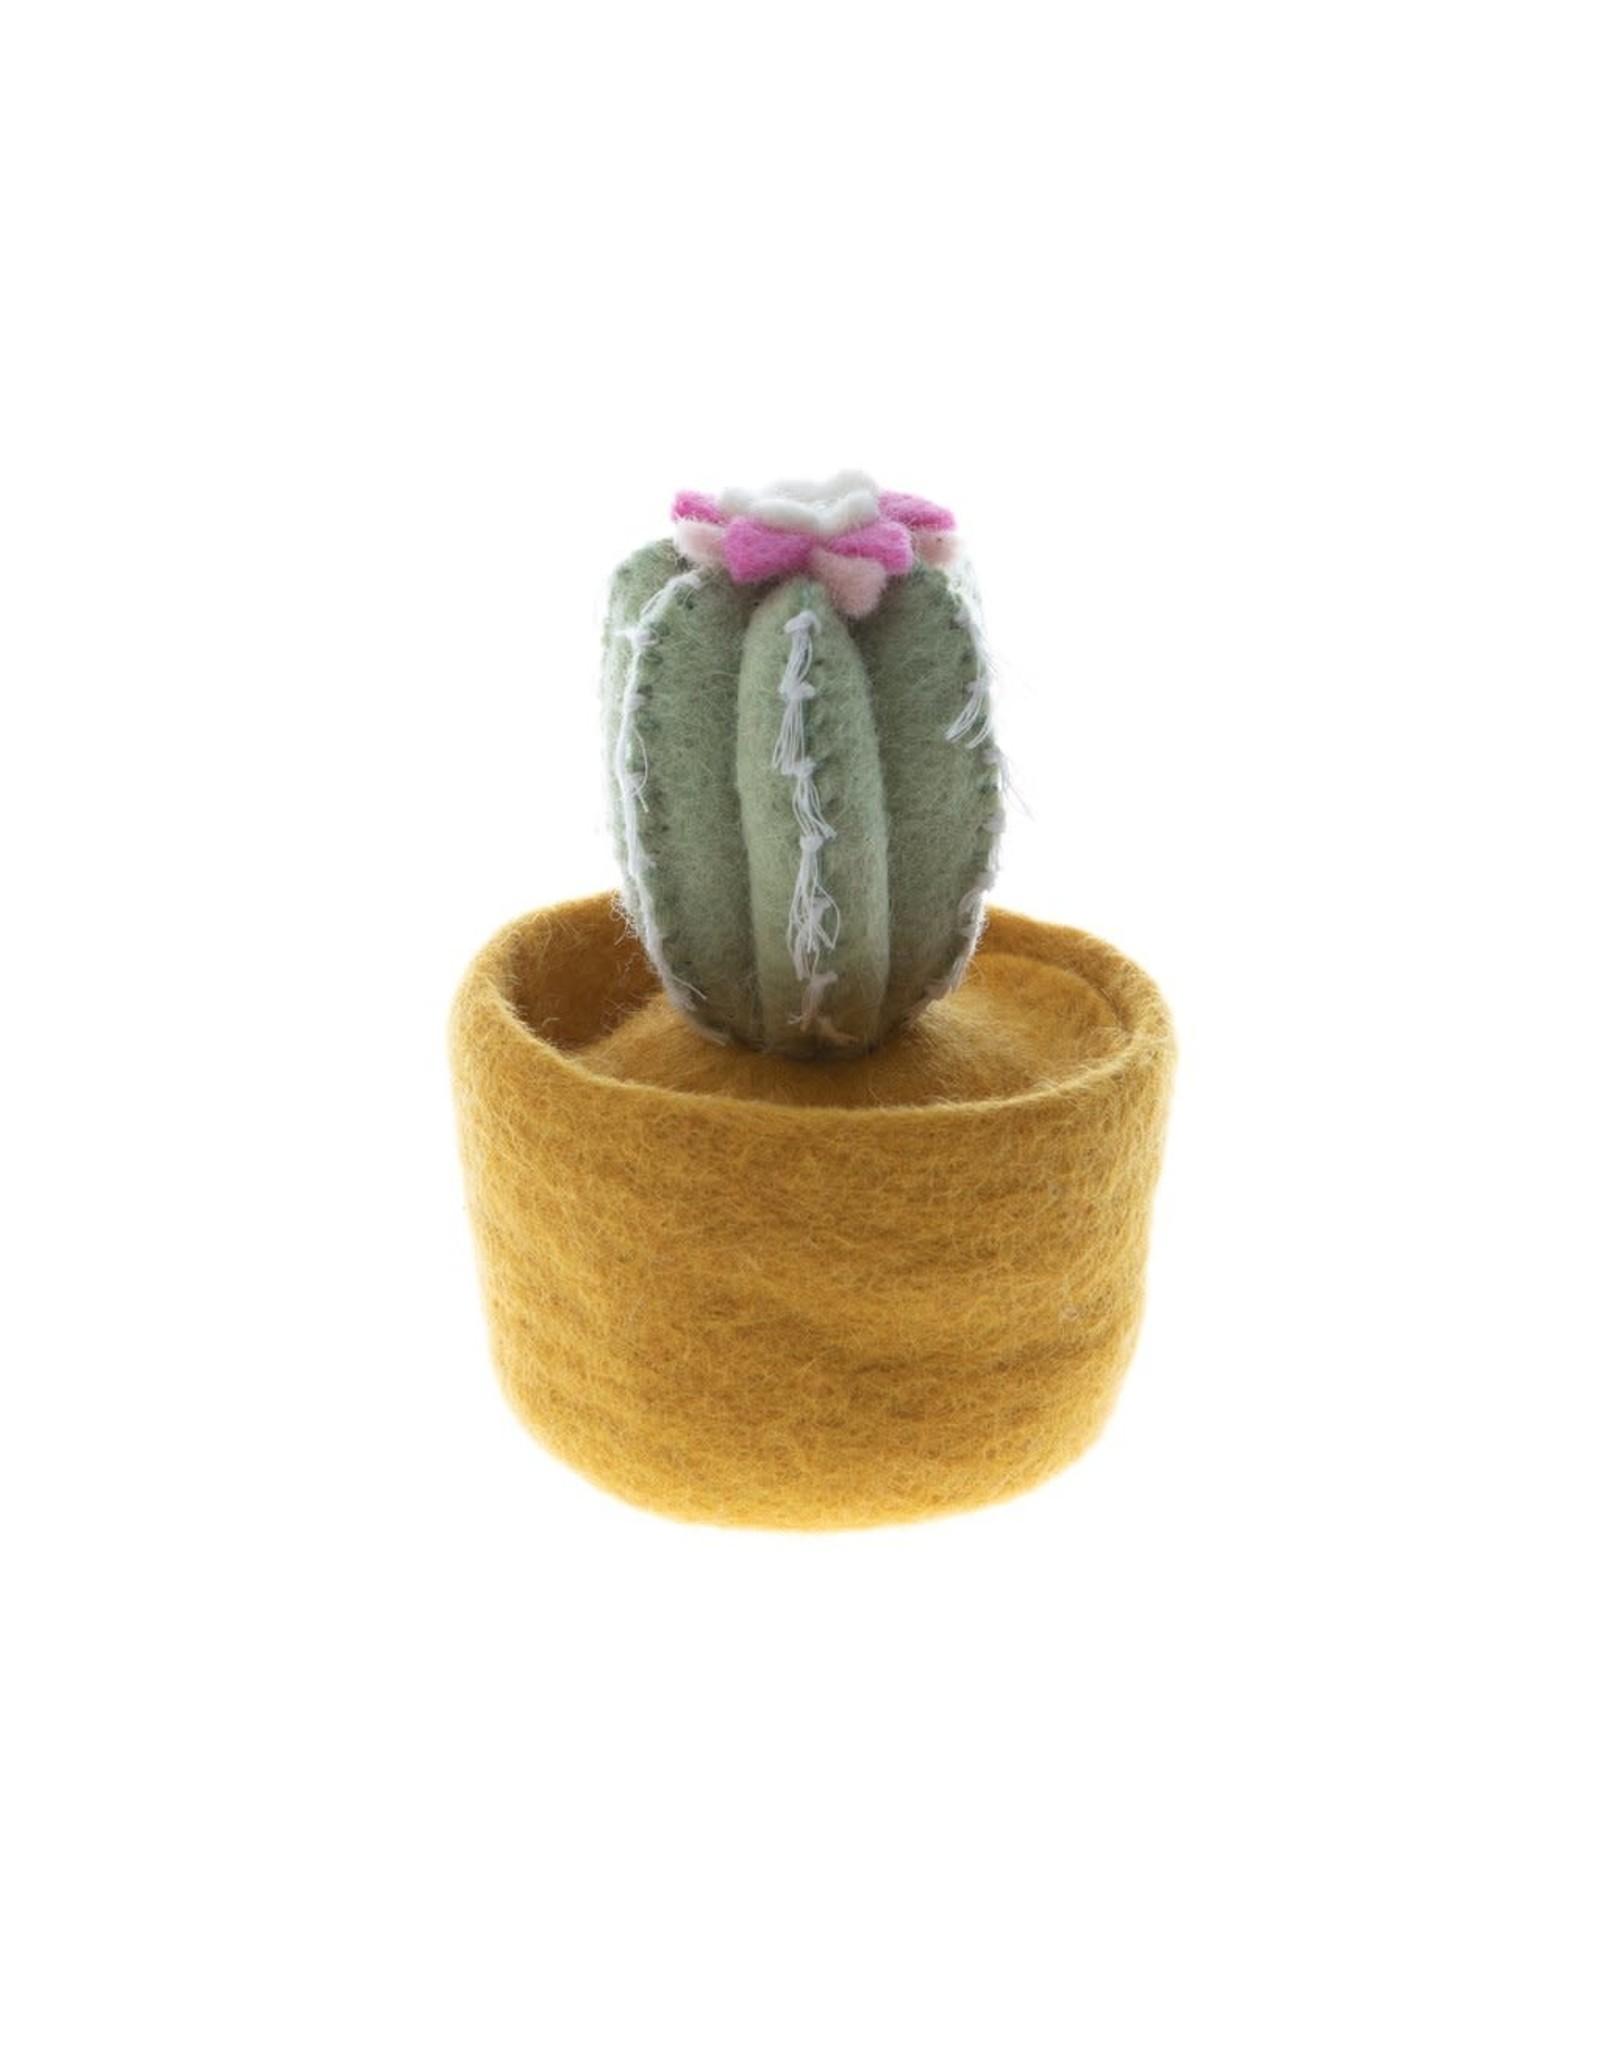 Nepal, Cactus and Succulent Pots- Yellow Pot